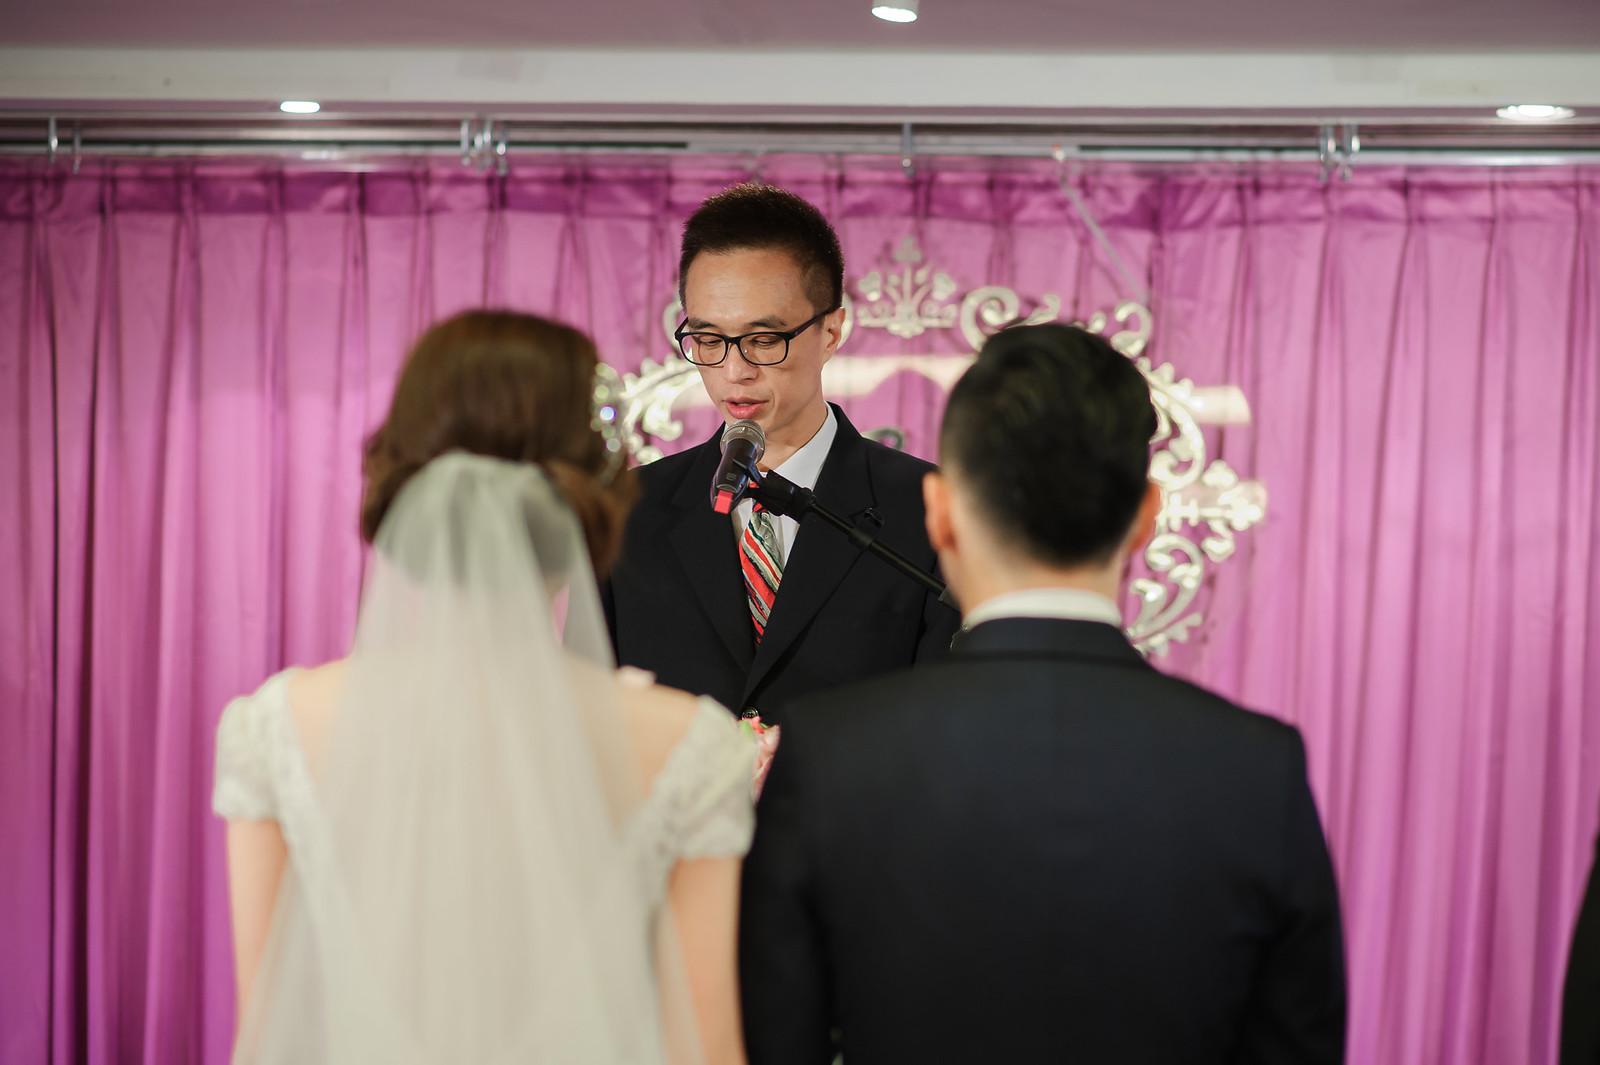 台北婚攝, 婚禮攝影, 婚攝, 婚攝守恆, 婚攝推薦, 晶華酒店, 晶華酒店婚宴, 晶華酒店婚攝-52